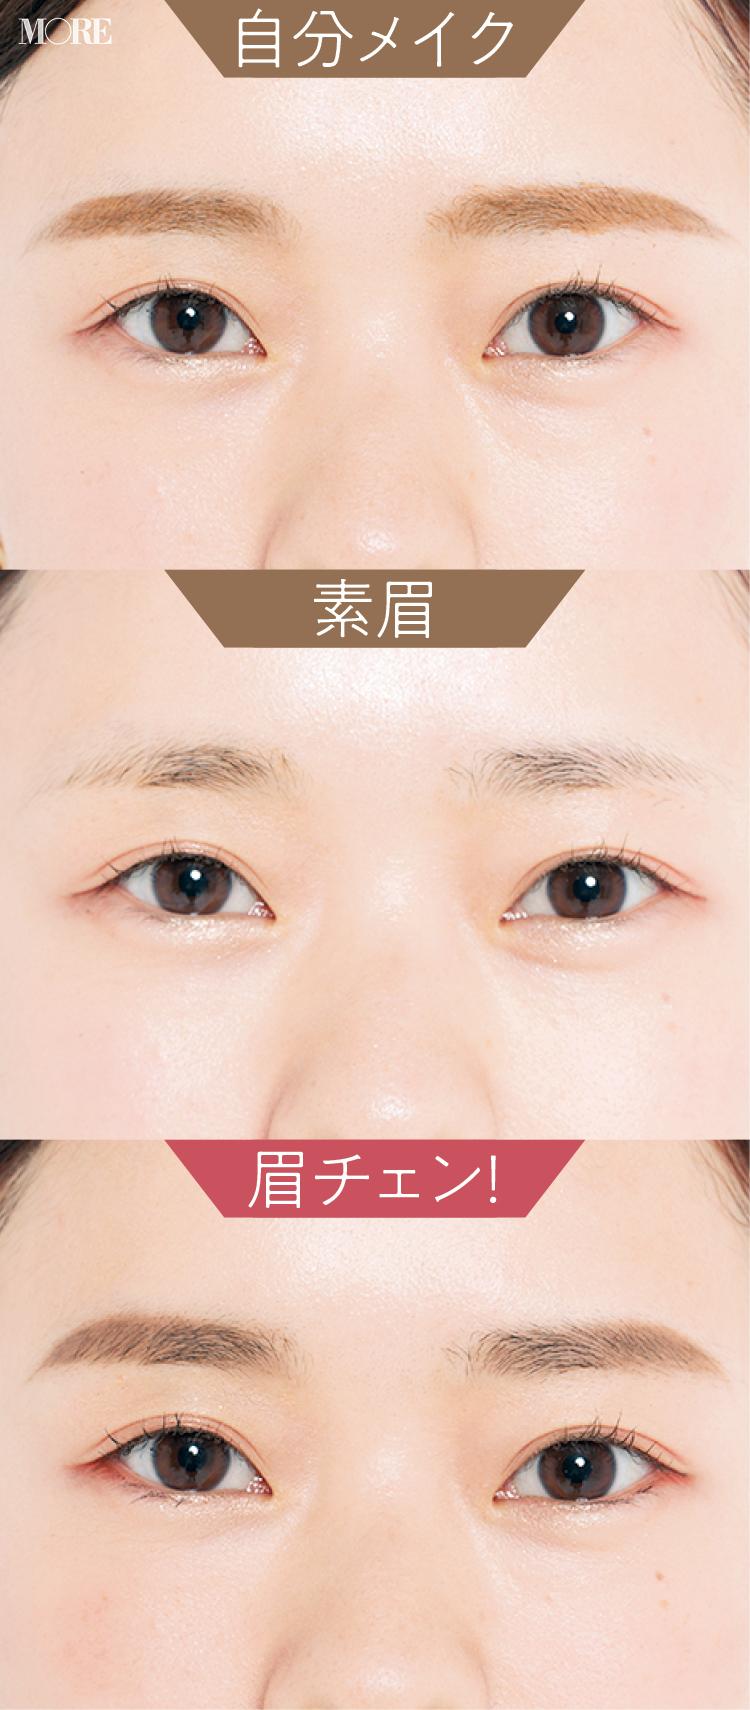 眉毛の整え方特集 -【世界一正しい眉のお手入れ法】など、眉迷子のための眉メイクの基本まとめ_95